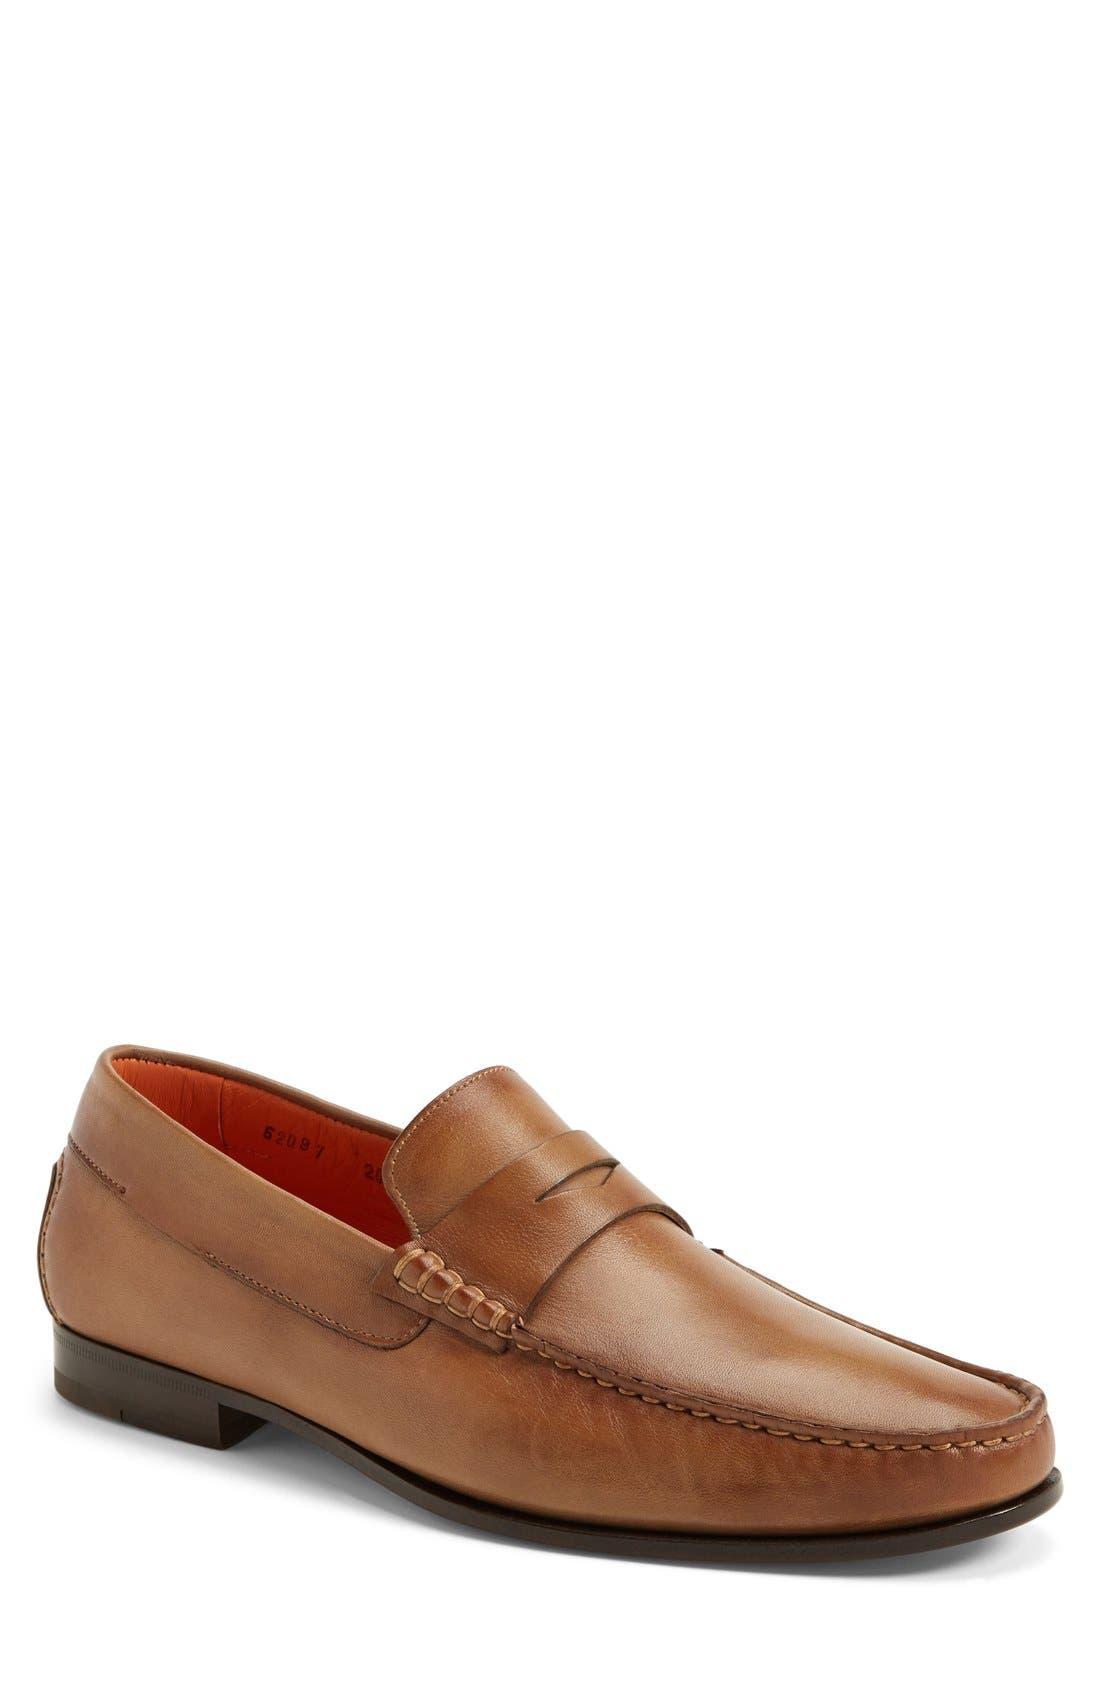 SANTONI 'Turner' Leather Penny Loafer, Main, color, 270